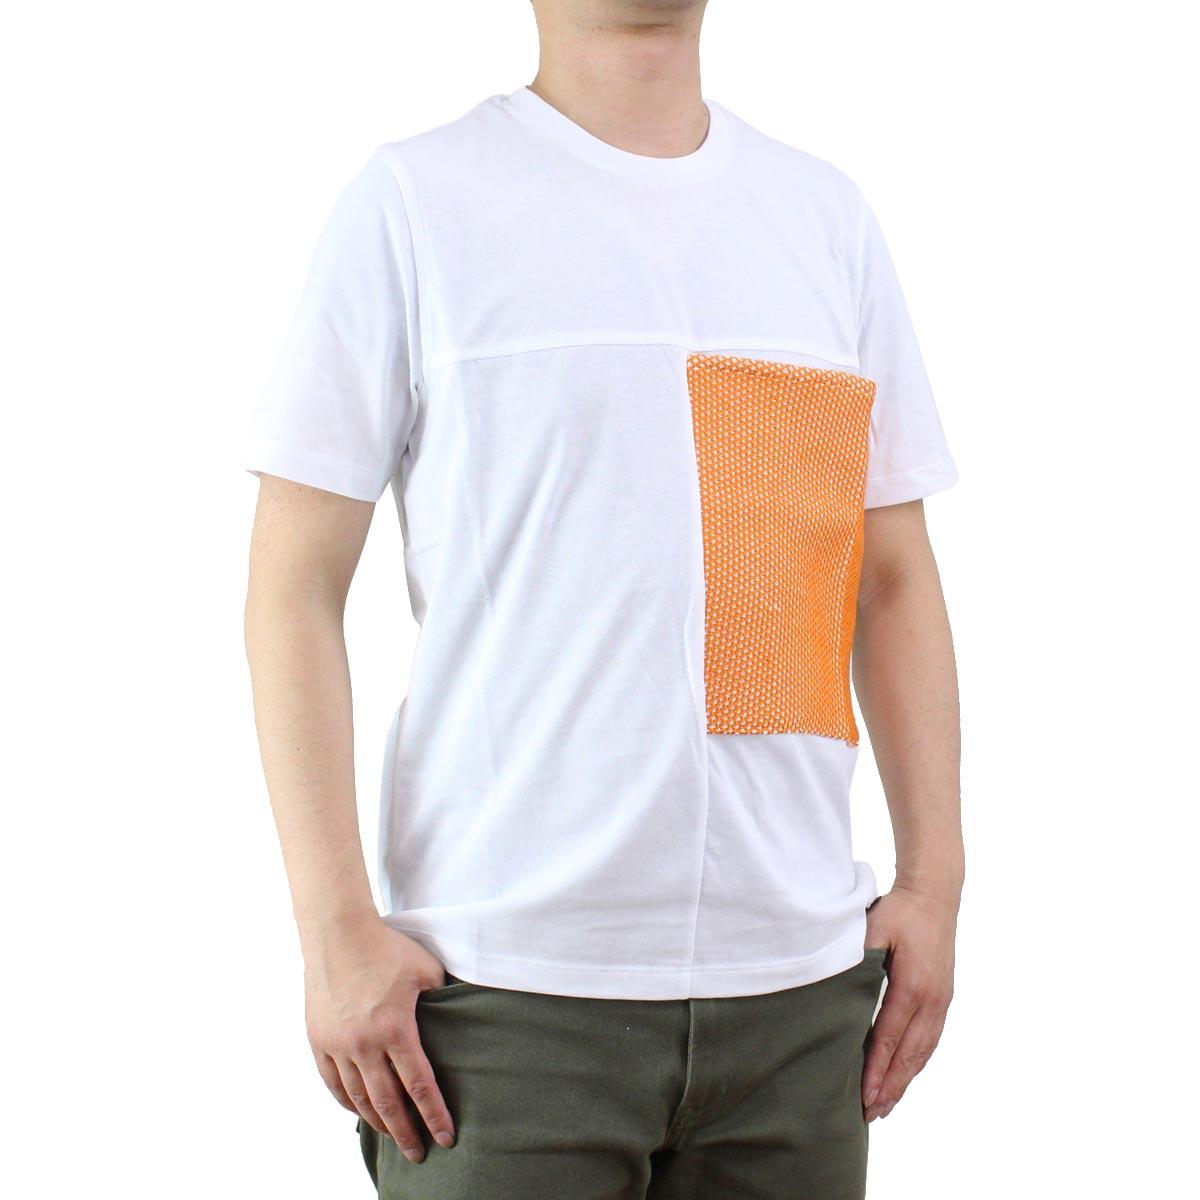 バーク Bark  メンズ クルーネック 半袖 Tシャツ 71B8706 258 ORANGE ホワイト系/オレンジ系  メンズ ティーシャツ ティーシャツ T shirt OLS-4  ts-01